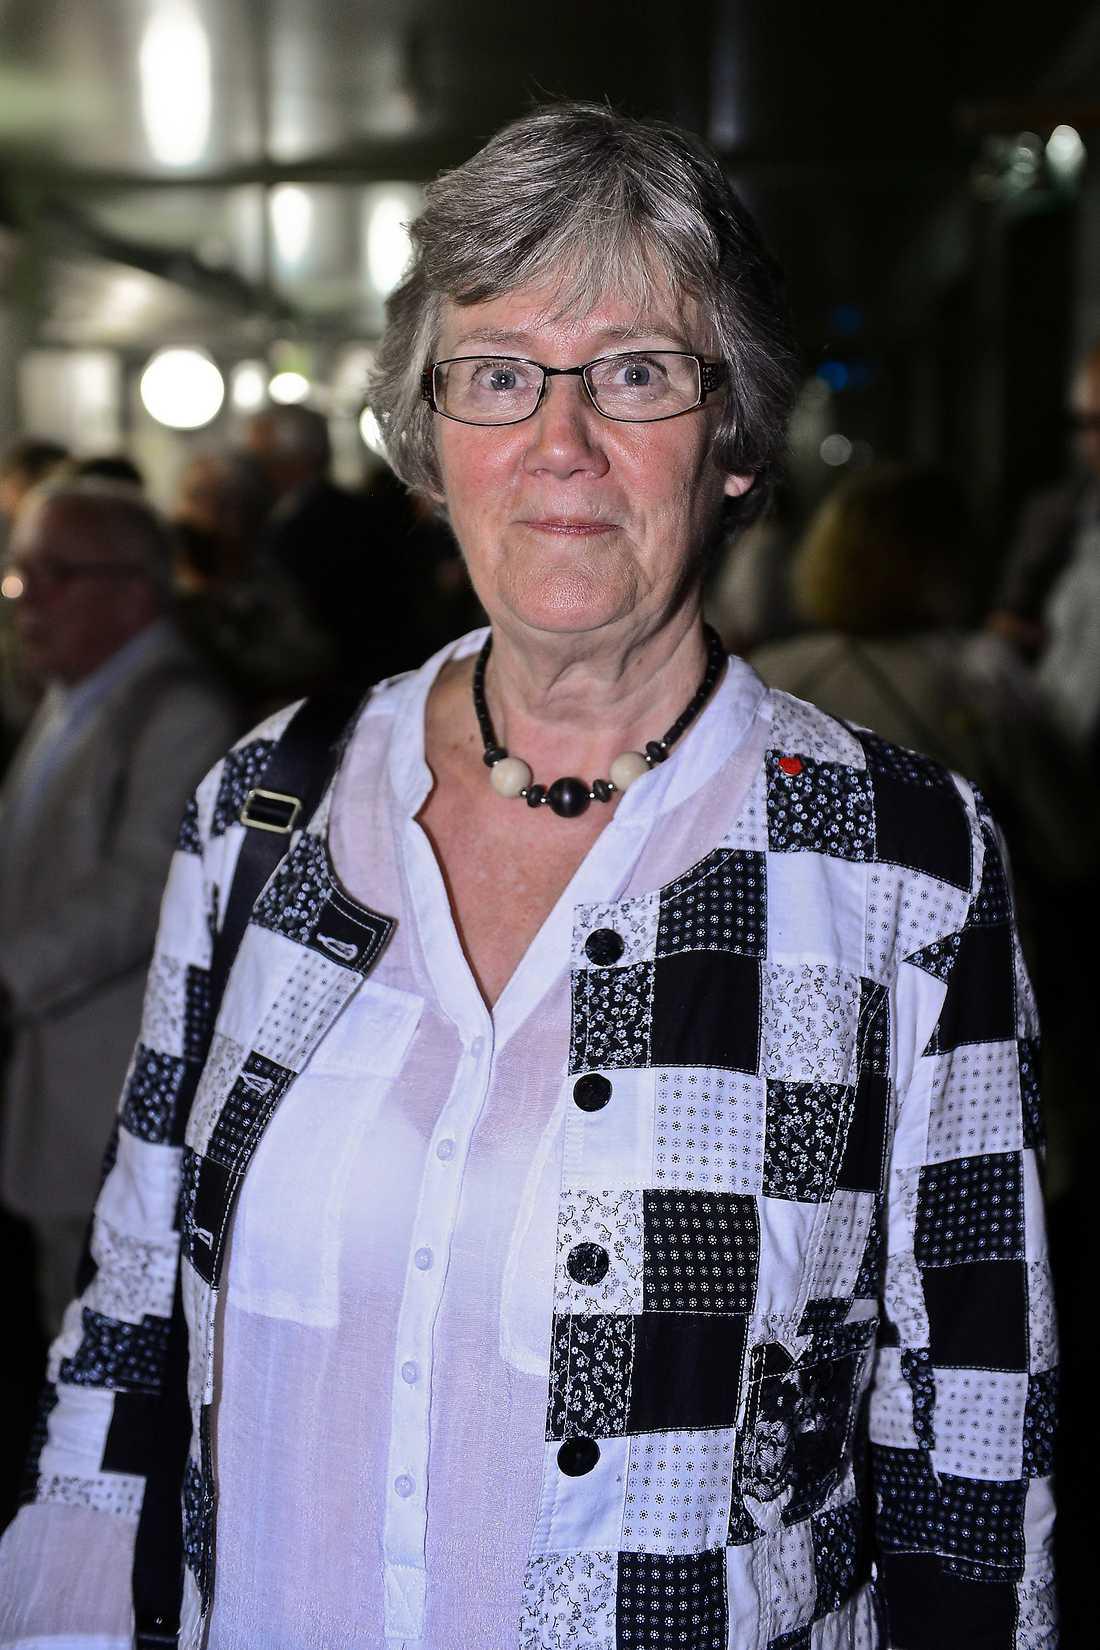 Lena Hjelm Wallén.